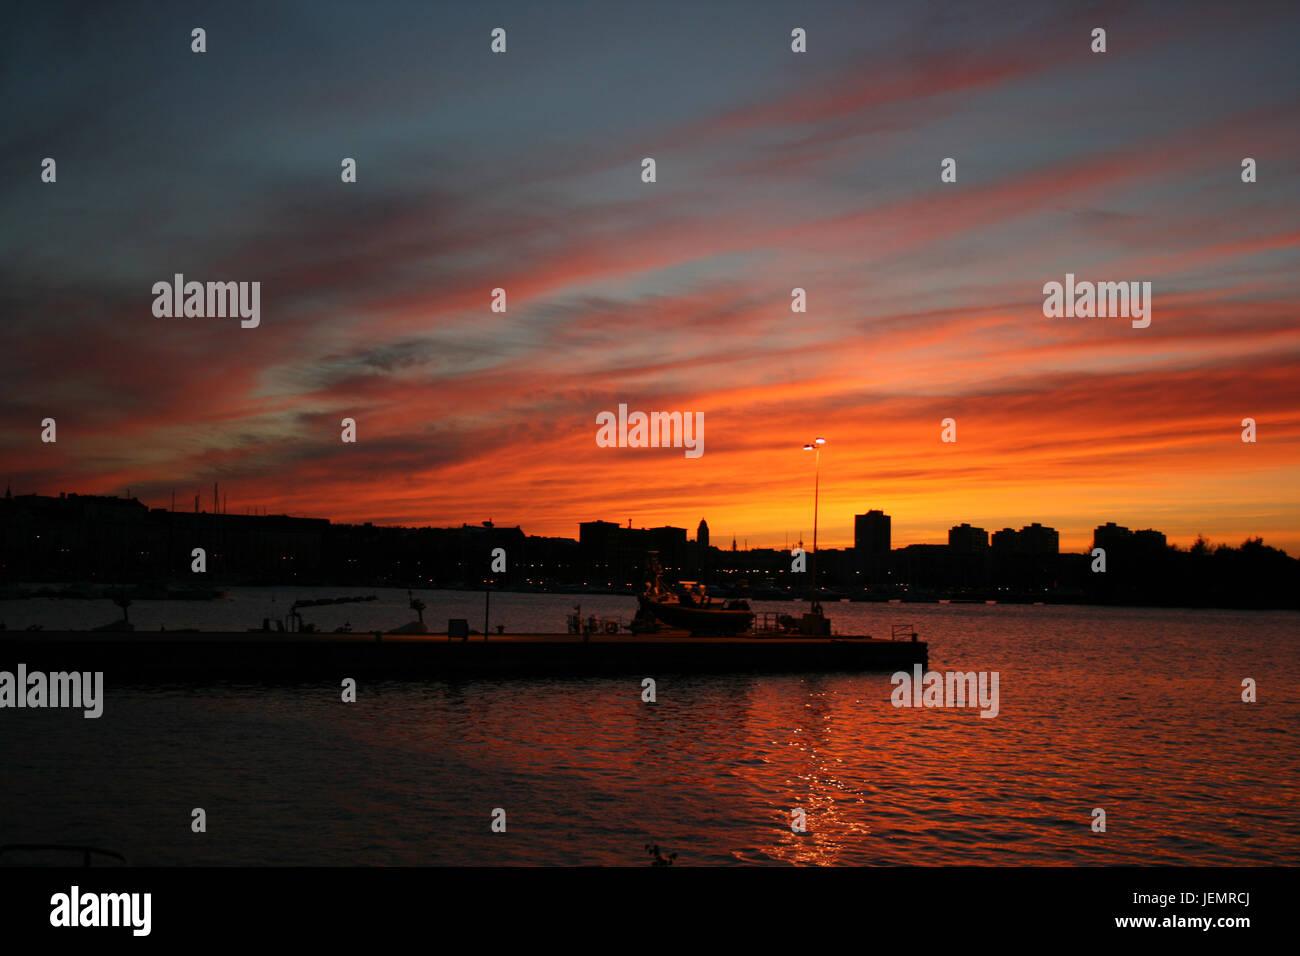 Tramonto a Helsinki - Finlandia Foto Stock